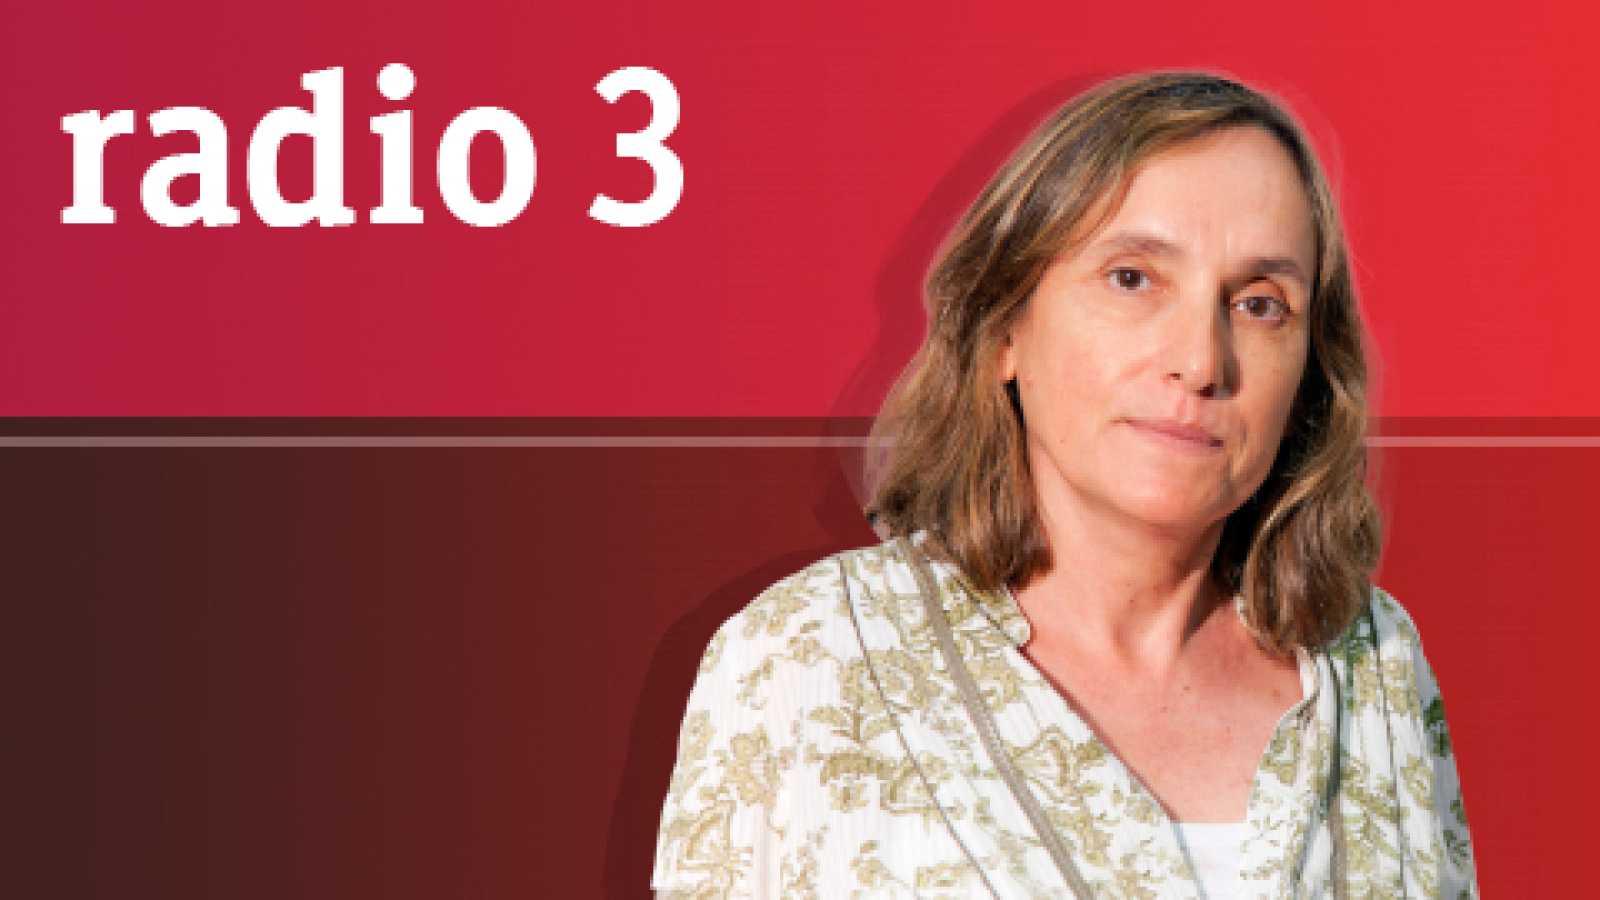 Tres en la carretera - Poesía contra el olvido de Juan Domingo Aguilar - 02/02/19 - escuchar ahora